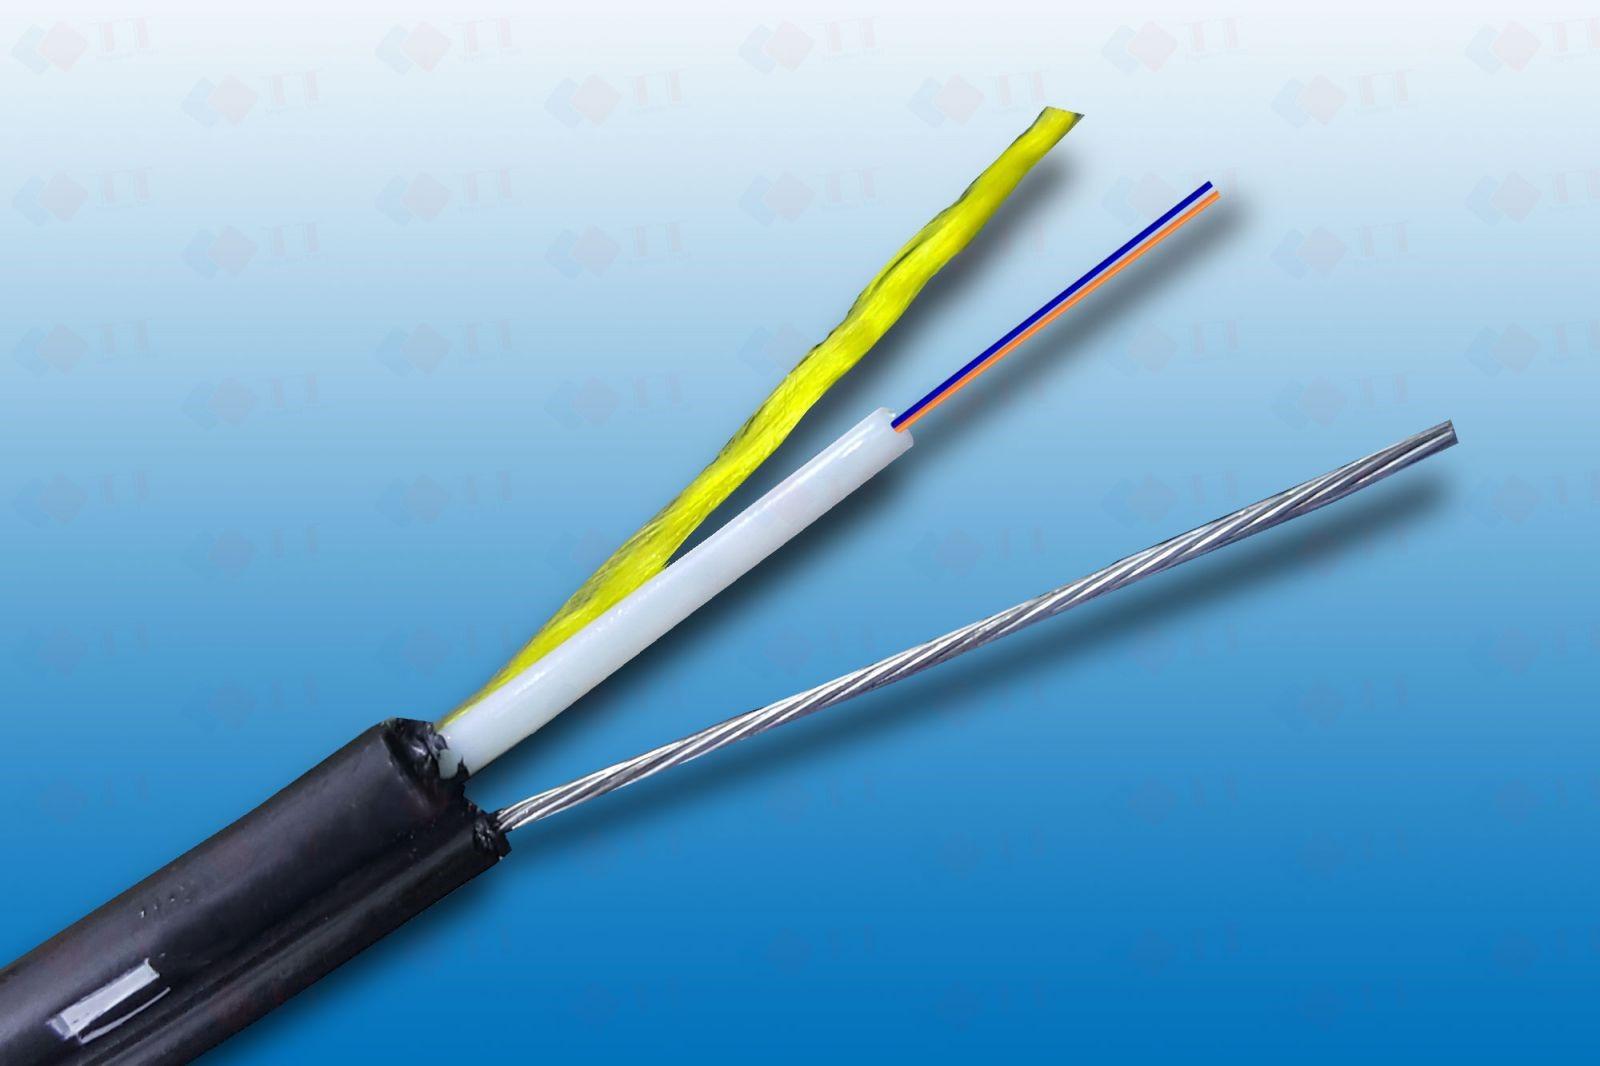 cáp tín hiệu điện iec 1 Cáp tín hiệu điện iec chống nhiễu giá rẻ